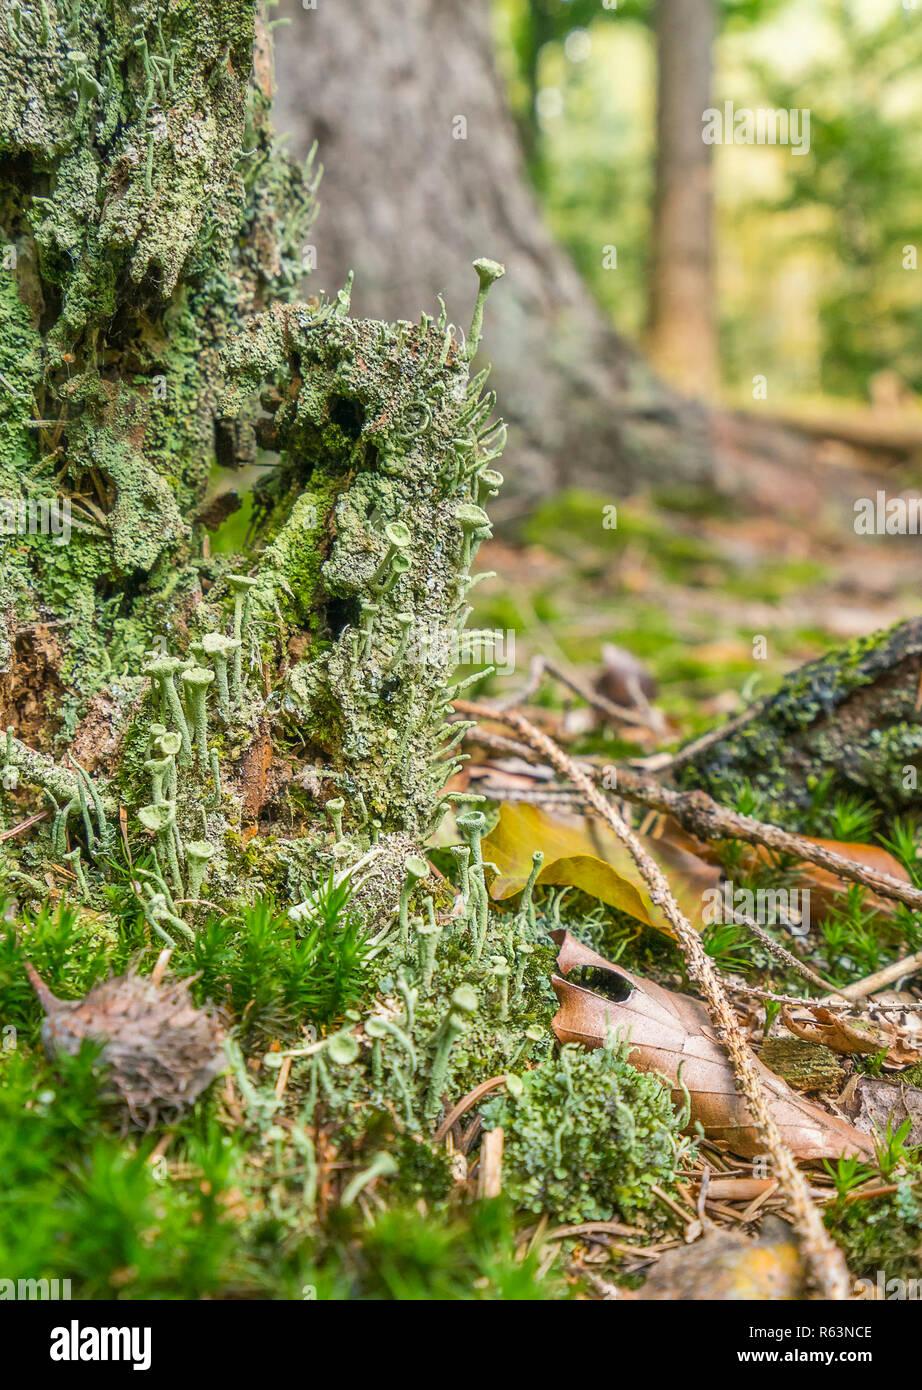 Closeup geschossen von einem dichten Bodendecker Vegetation auf einem Baumstamm mit Moos und Flechten in Wald Ambiente Stockbild